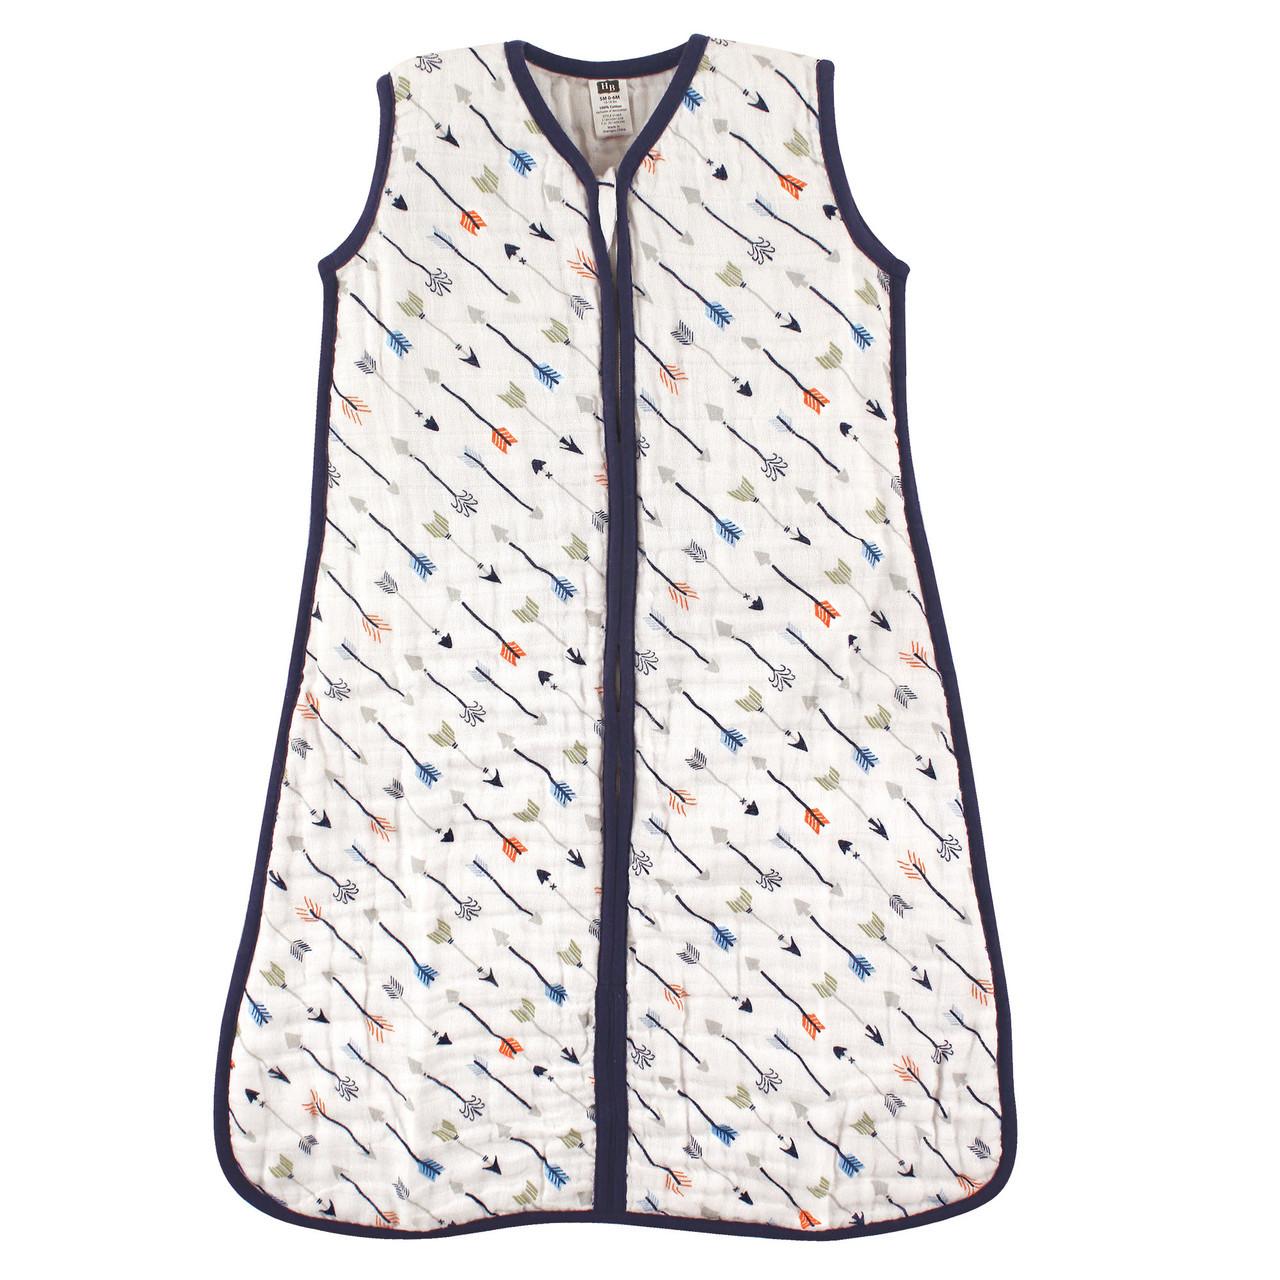 buy online 7dae5 e1f98 Muslin Wearable Safe Sleeping Bag Blanket, Boy Arrows